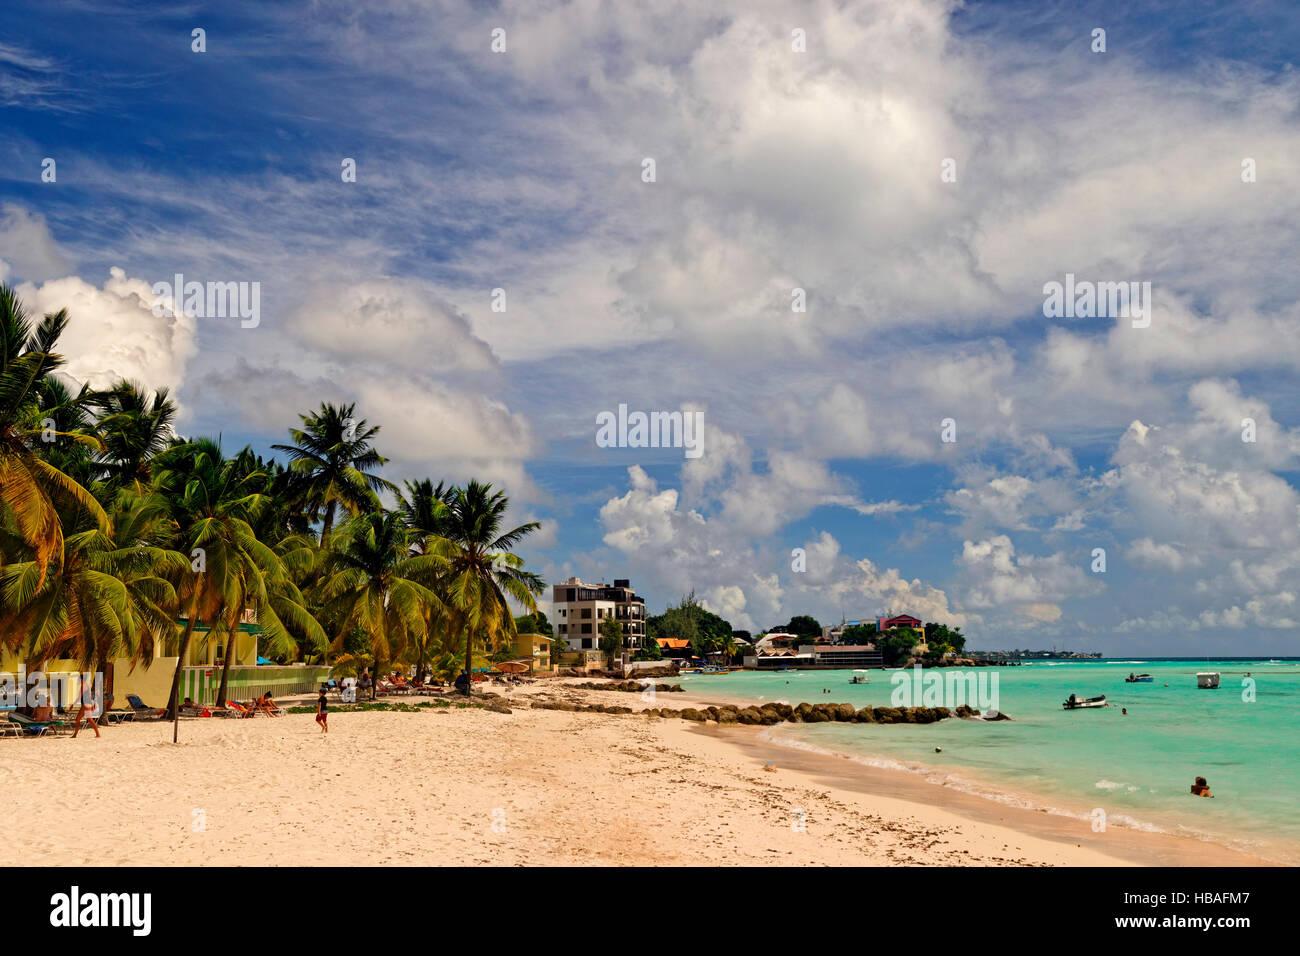 Worthing Beach à Worthing, entre St Lawrence Gap et de Bridgetown, La Barbade, la côte sud, des Caraïbes. Photo Stock